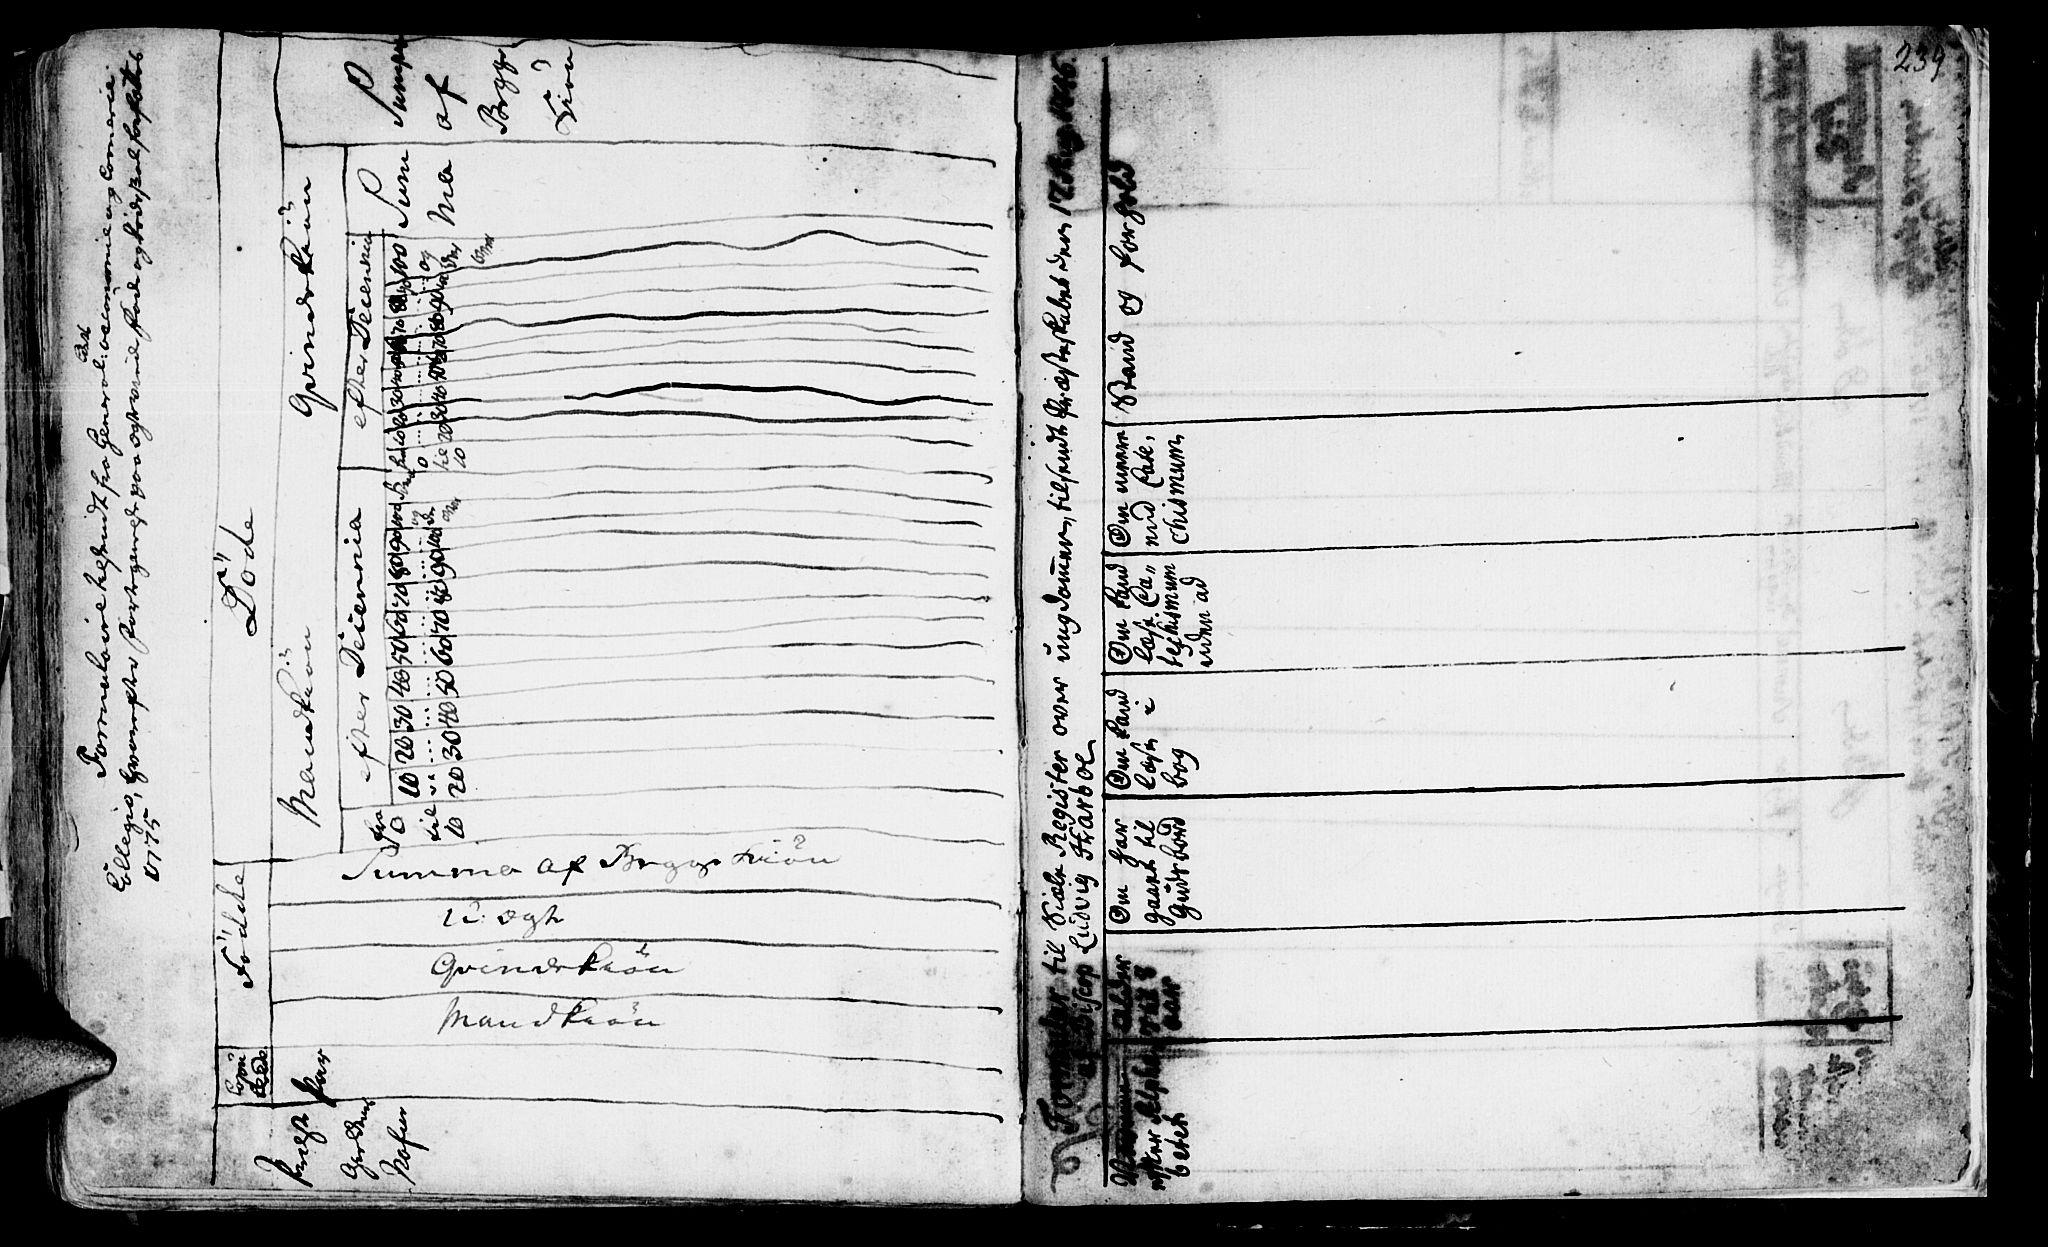 SAT, Ministerialprotokoller, klokkerbøker og fødselsregistre - Sør-Trøndelag, 646/L0604: Ministerialbok nr. 646A02, 1735-1750, s. 238-239